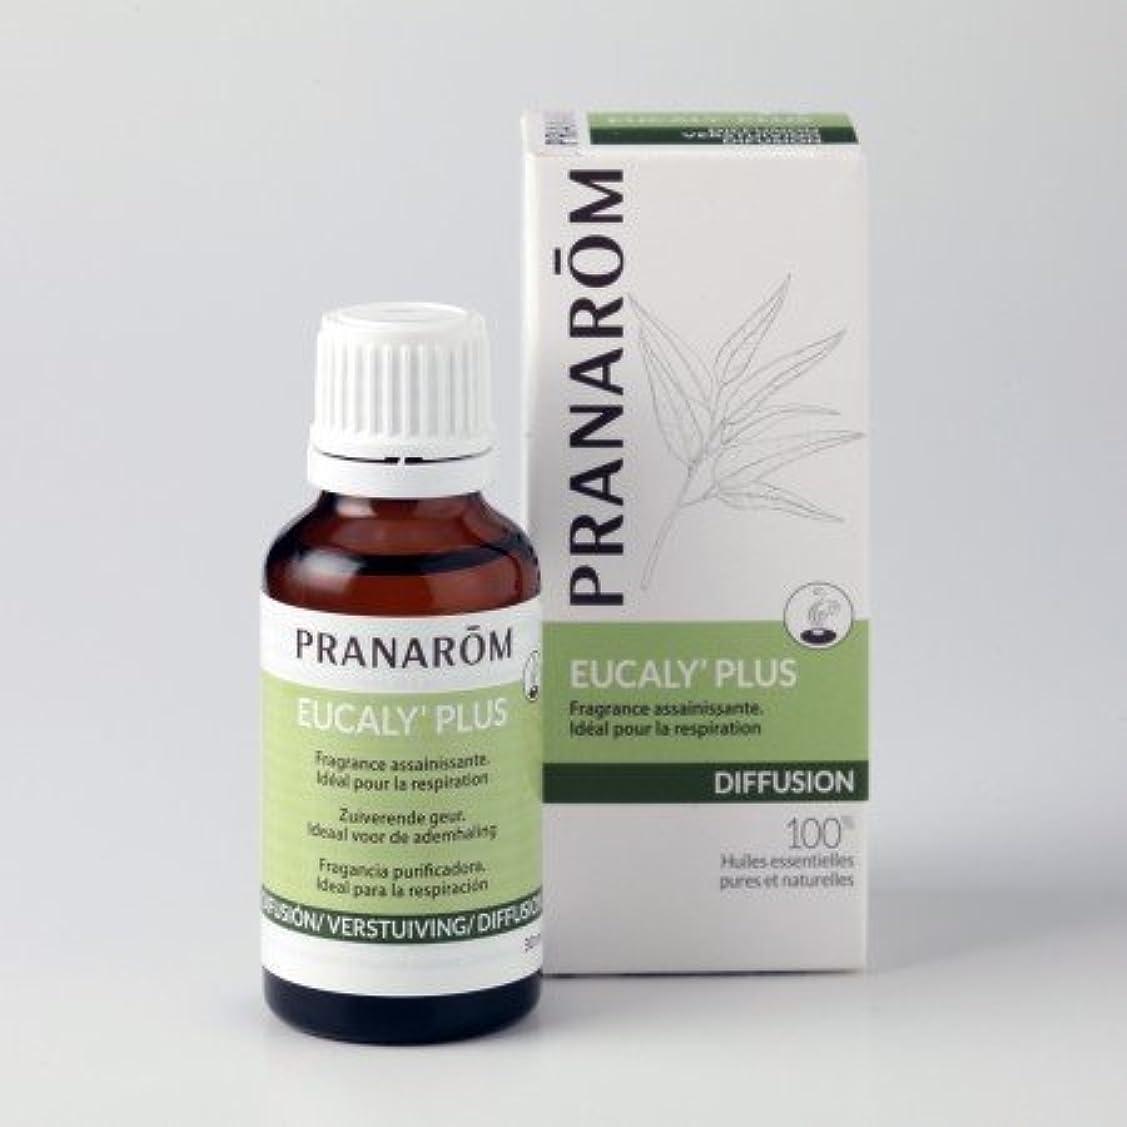 チップ麦芽立証するプラナロム ( PRANAROM ) ルームコロン 胸一杯のフレッシュエア ユーカリプラス 30ml 02590 エアフレッシュナー ( 芳香剤 )